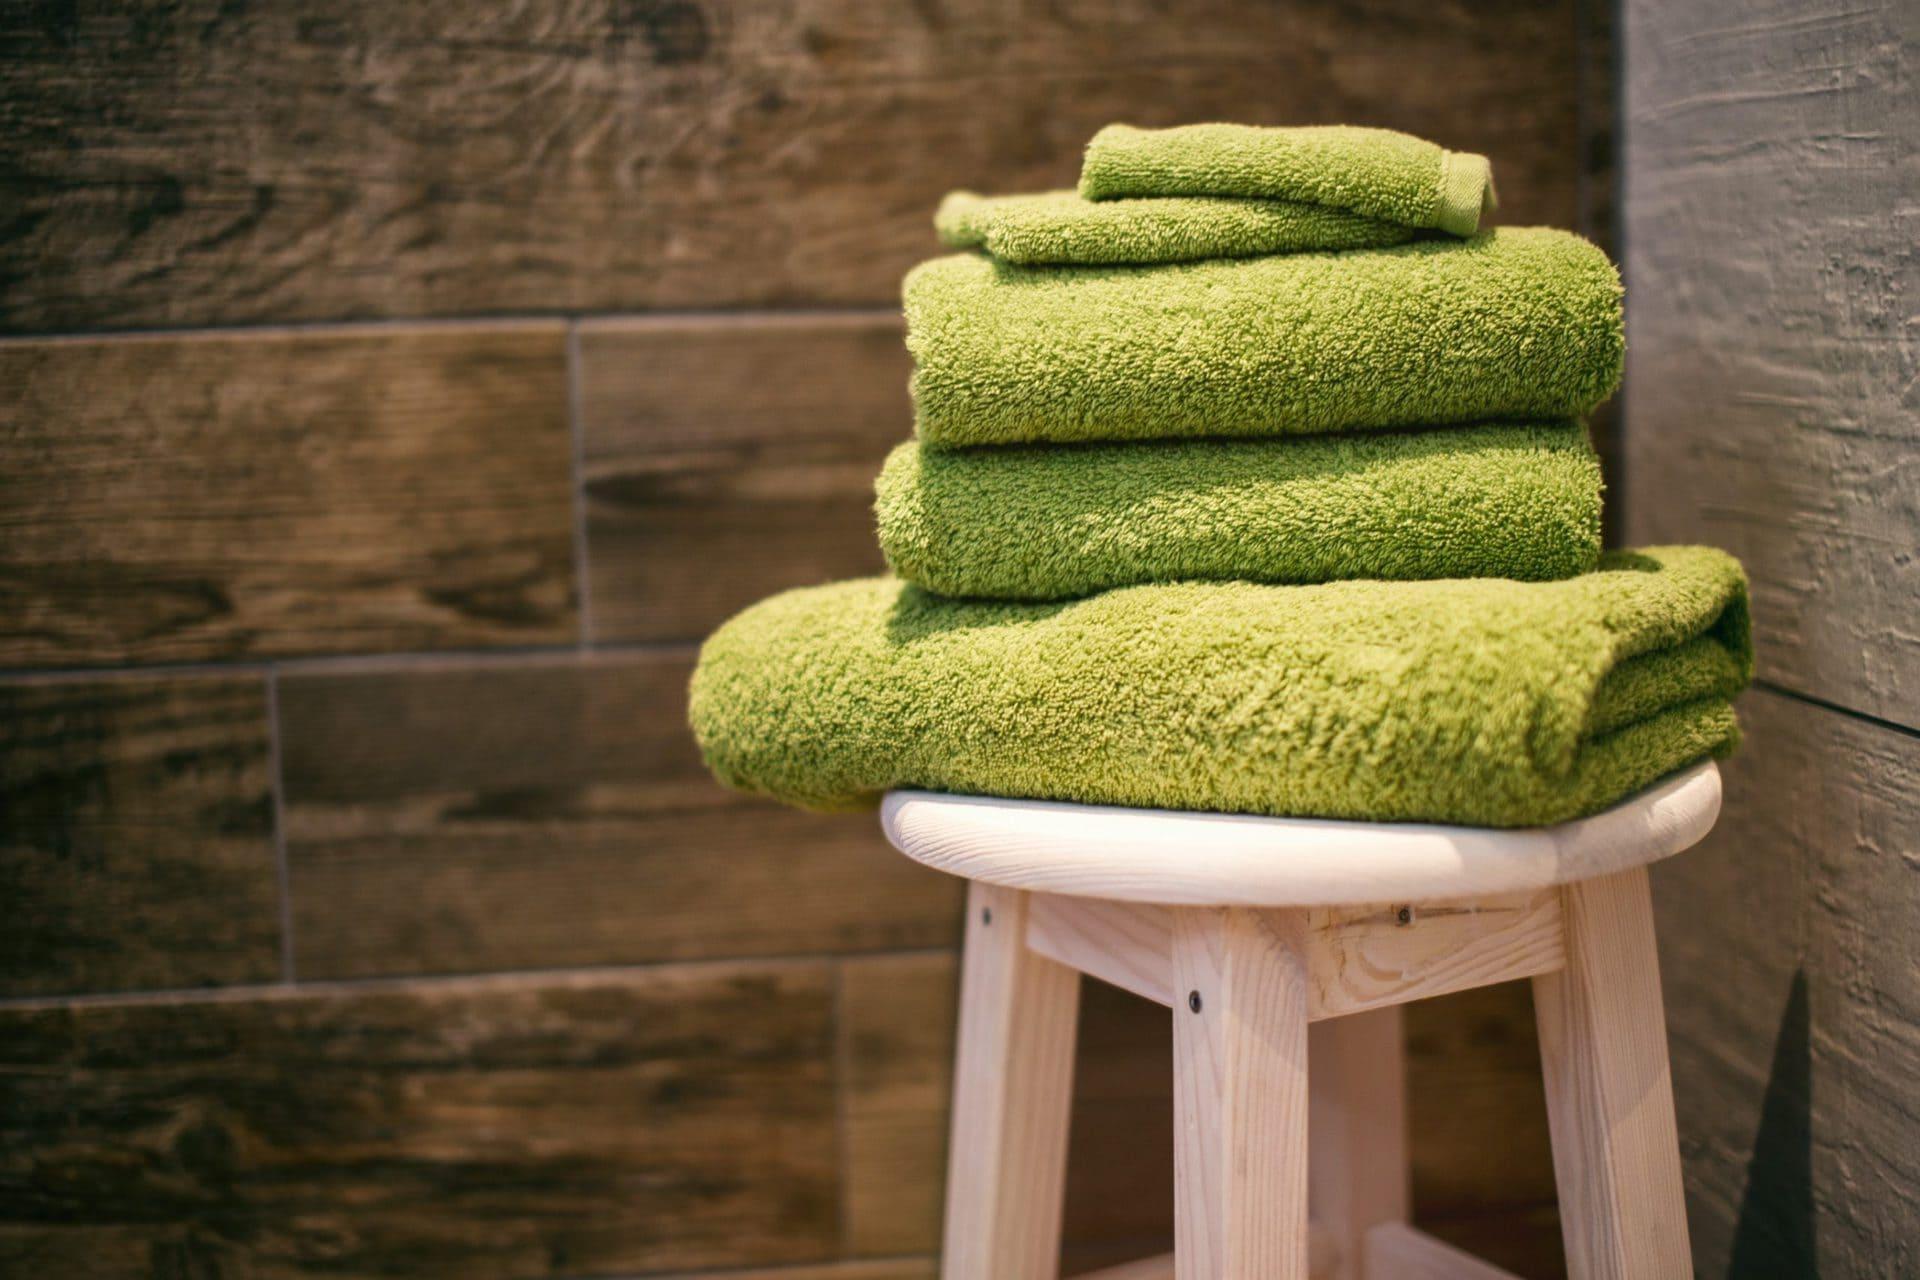 Stapel groene handdoeken op krukje, vooraanzicht